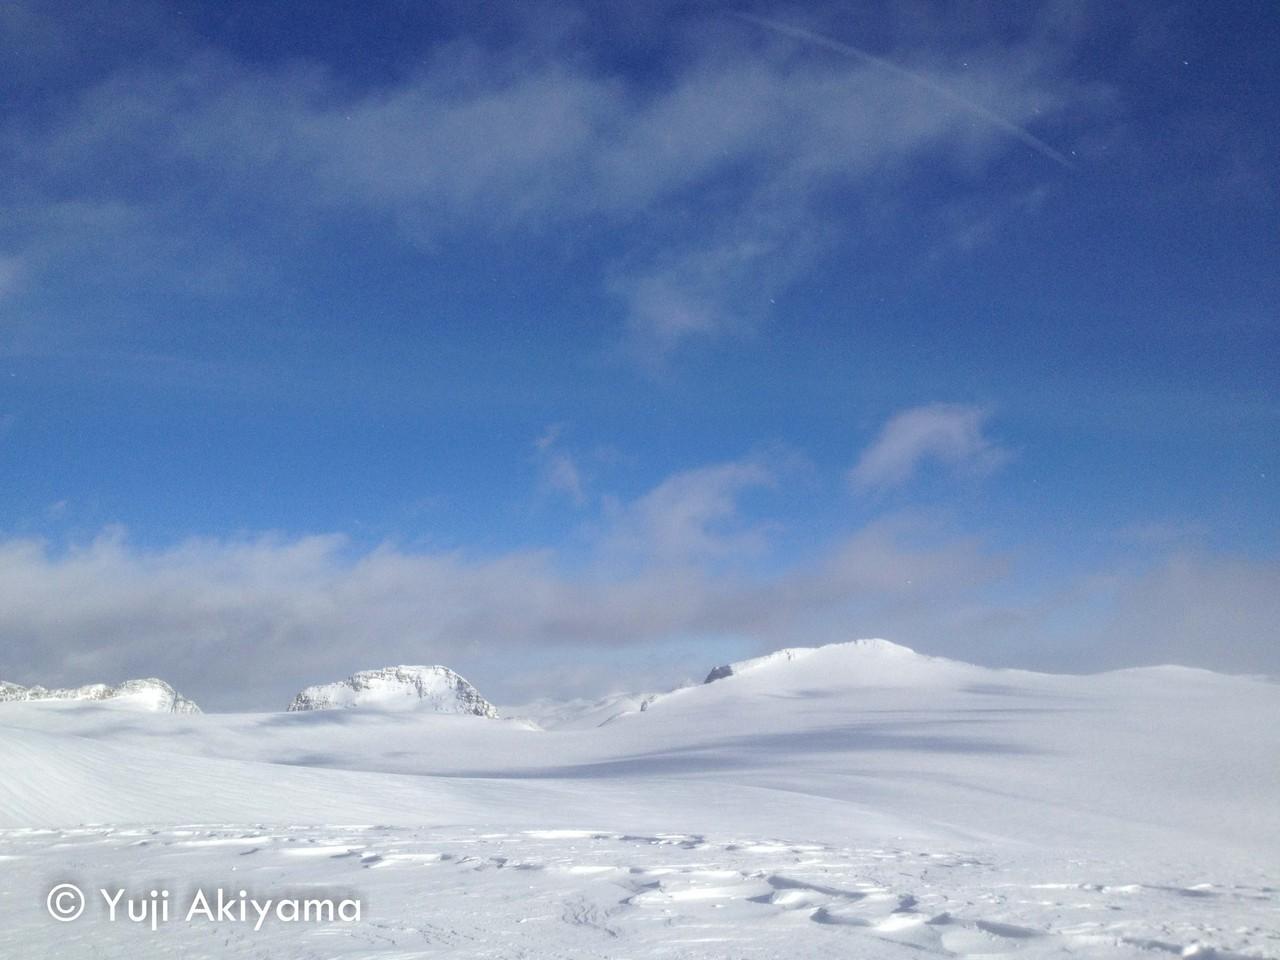 イルシルエット氷河